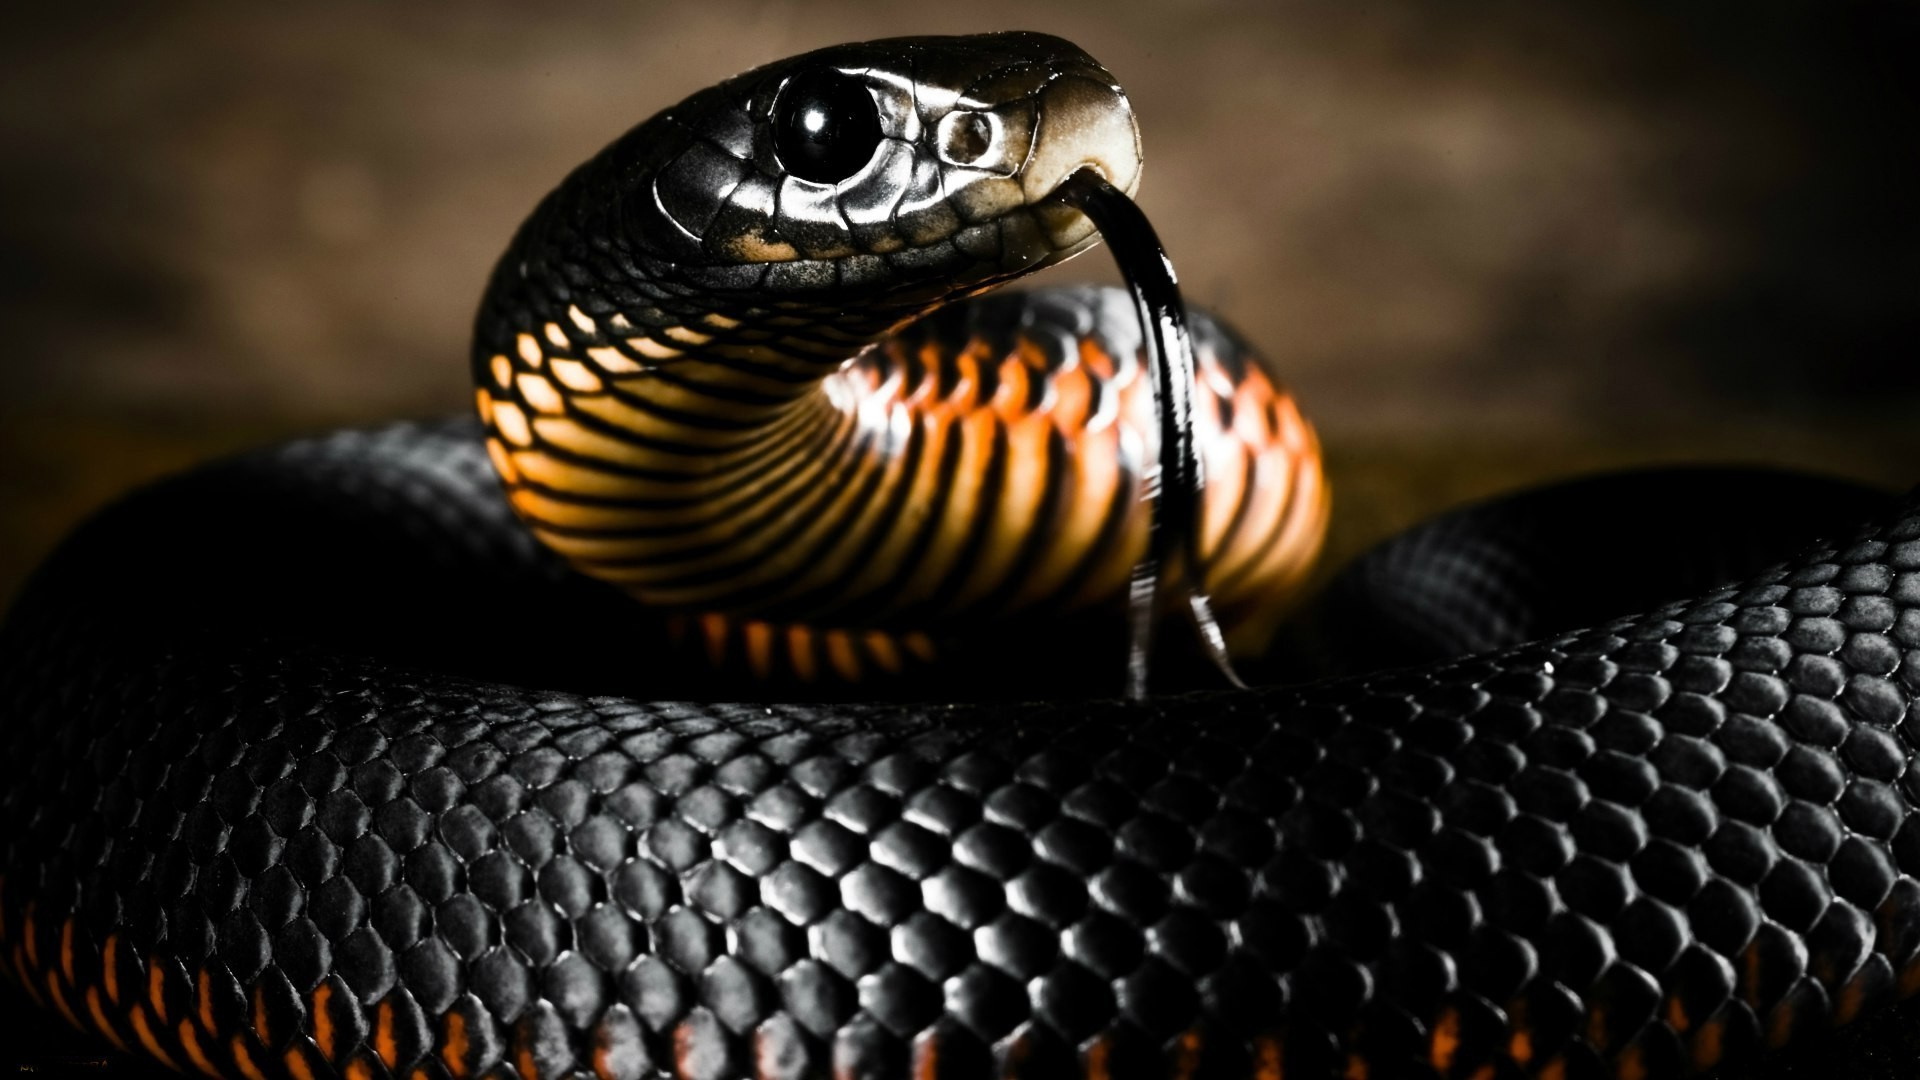 эмблема фото кобра обои на телефон указании расстояний предварительных